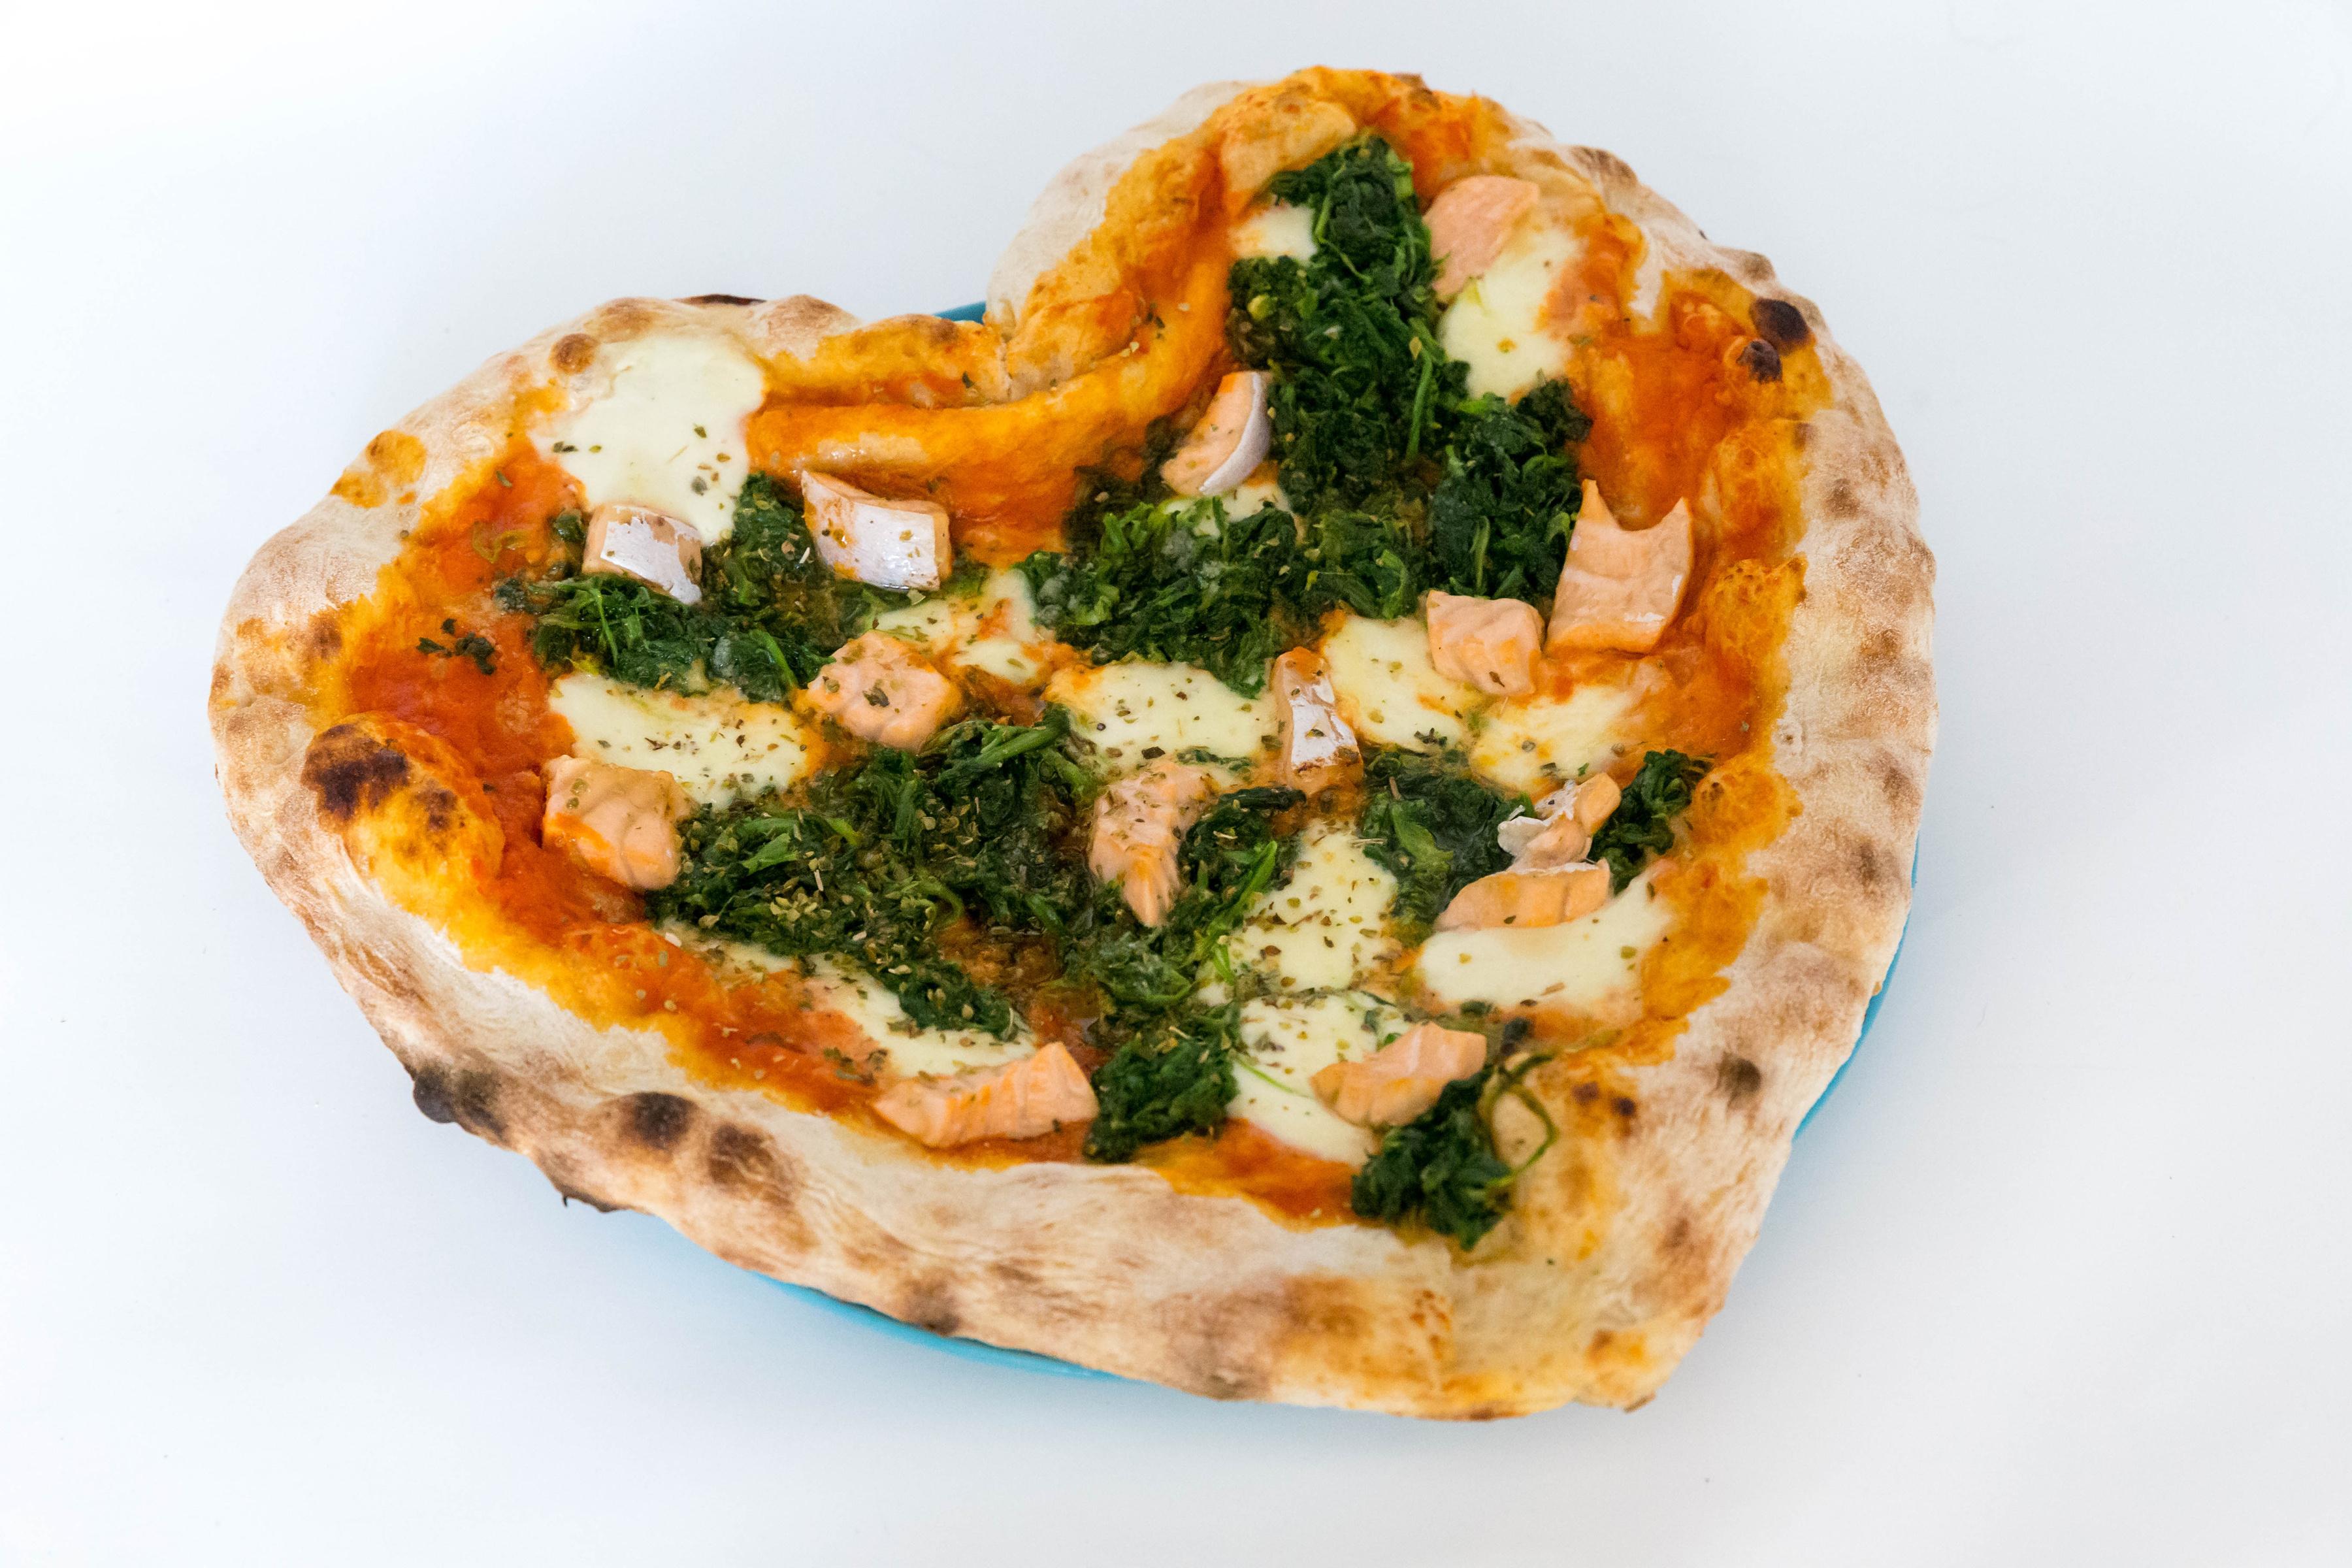 Картинки Сердце Пицца Быстрое питание Пища Серый фон 3600x2400 серце сердца сердечко Фастфуд Еда Продукты питания сером фоне